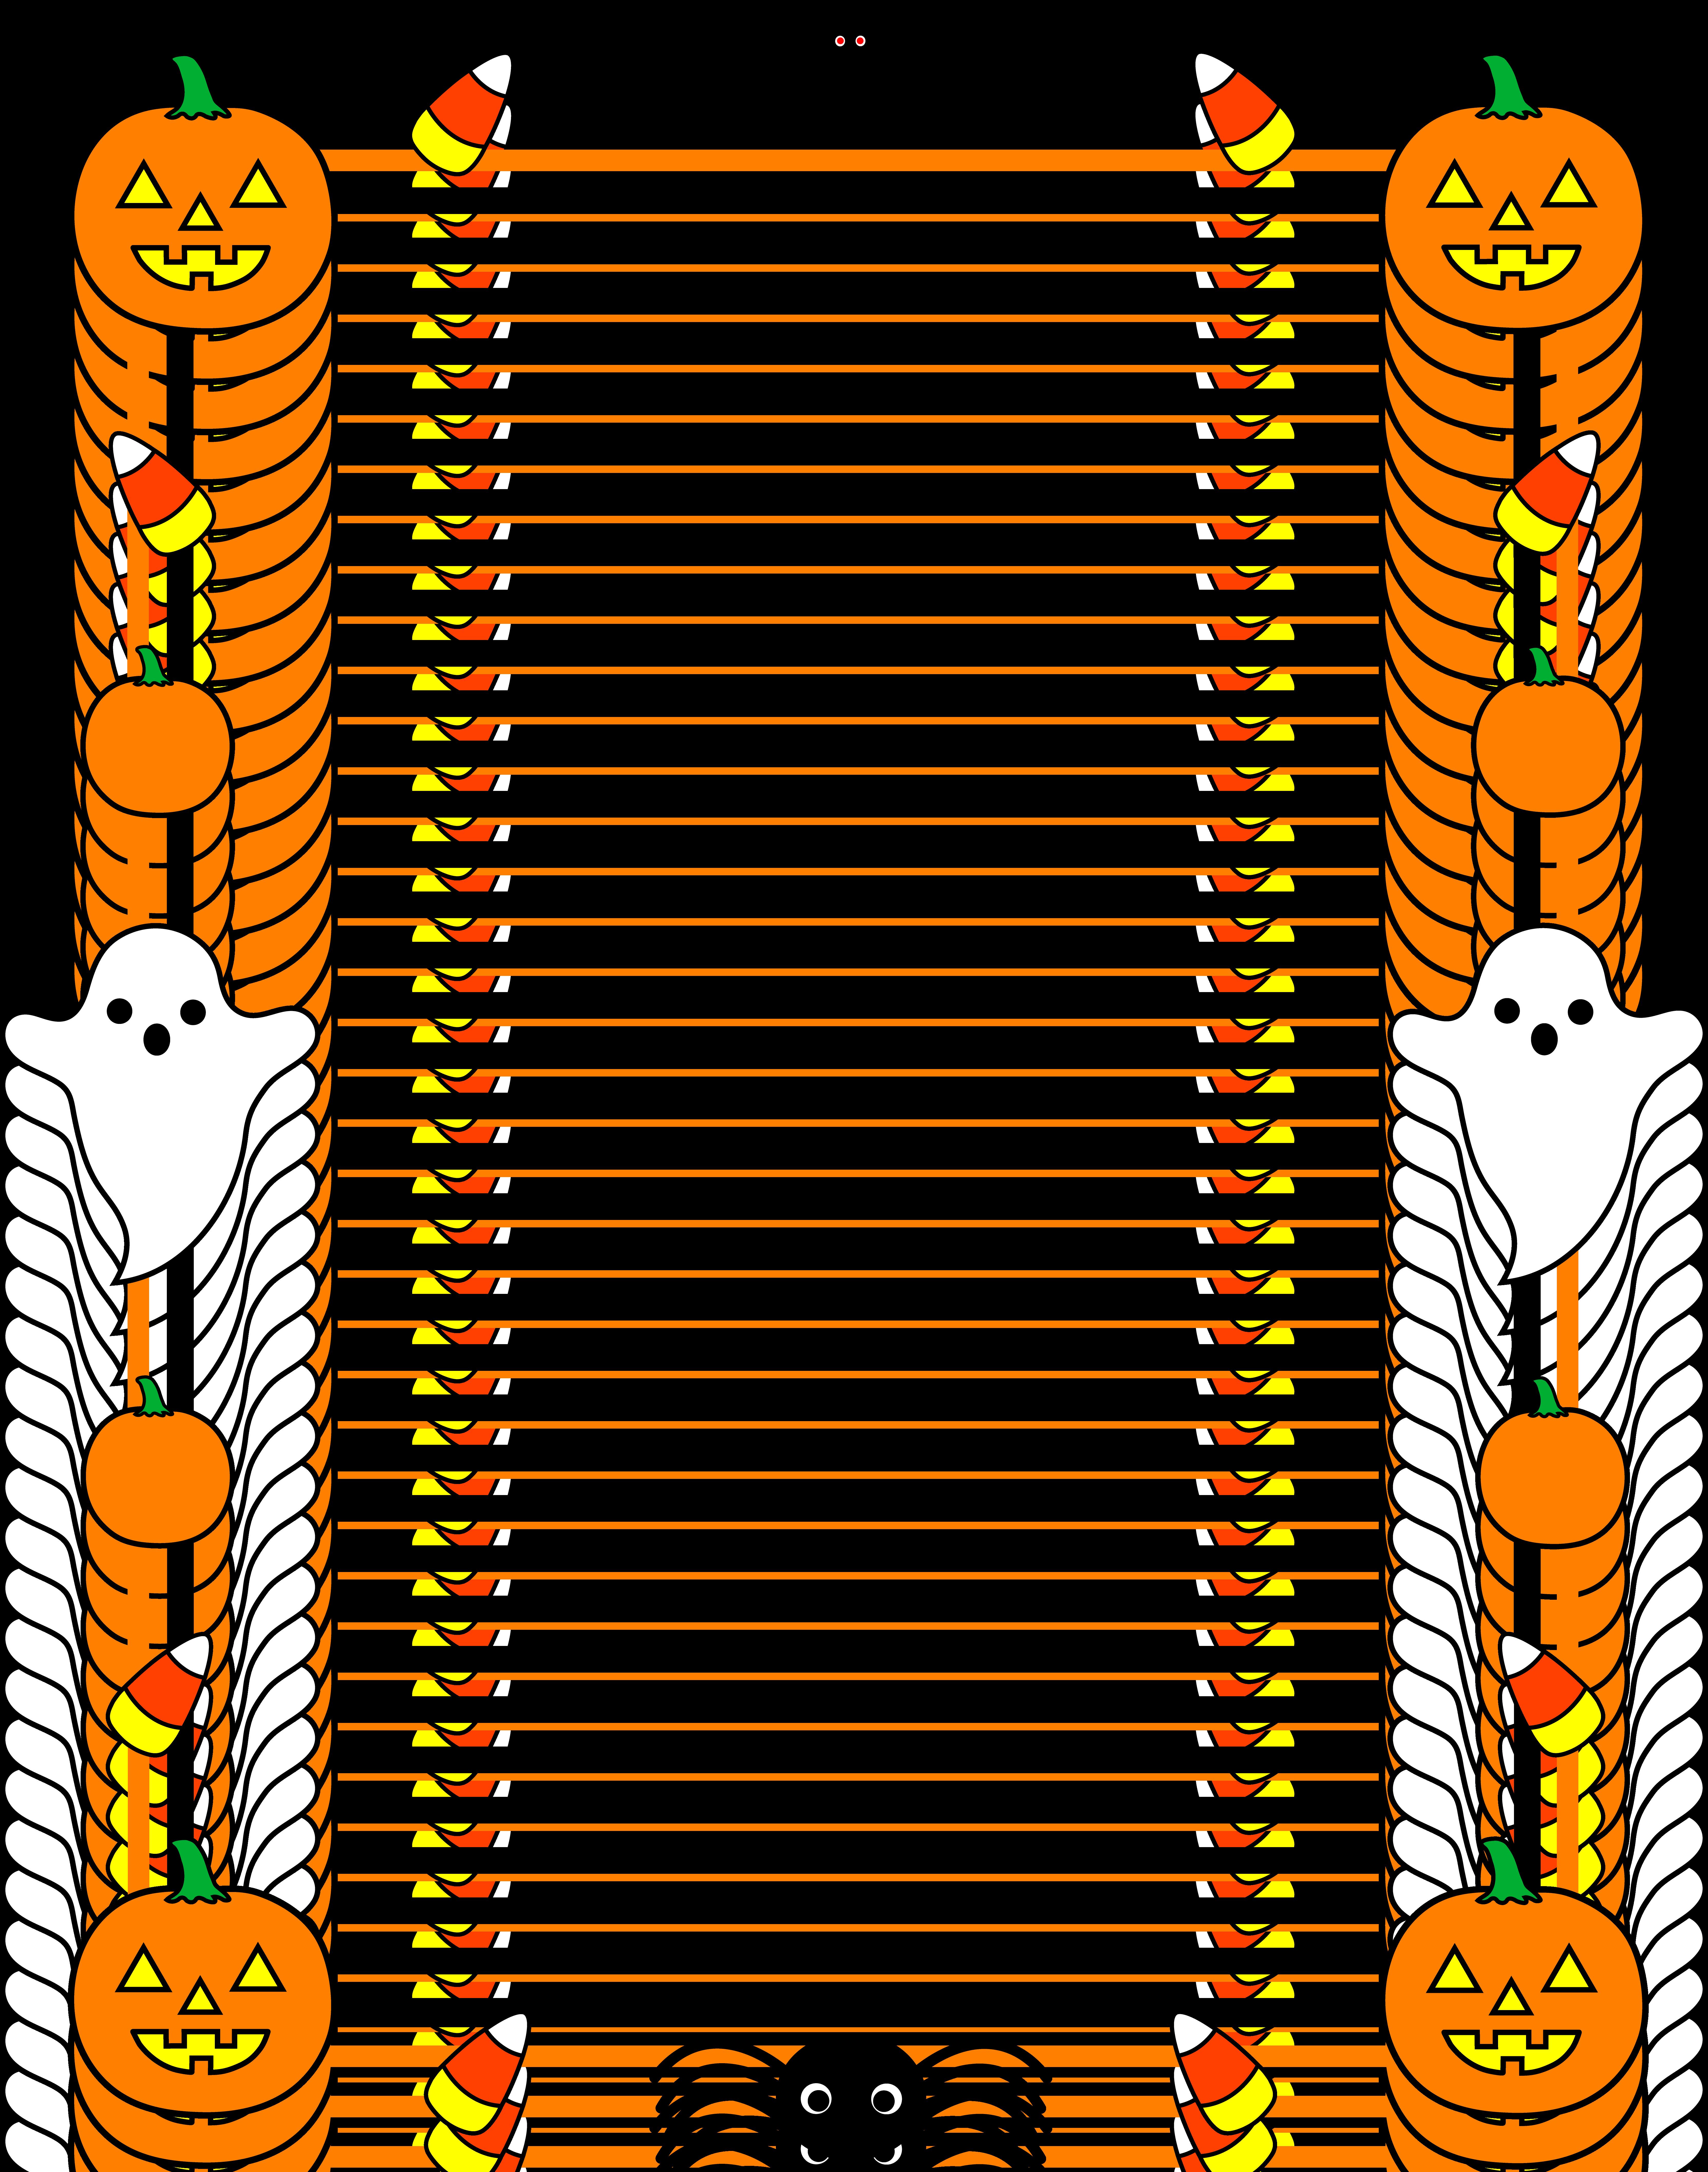 6655x8464 Pumpkin Border Clipart Free Images 4